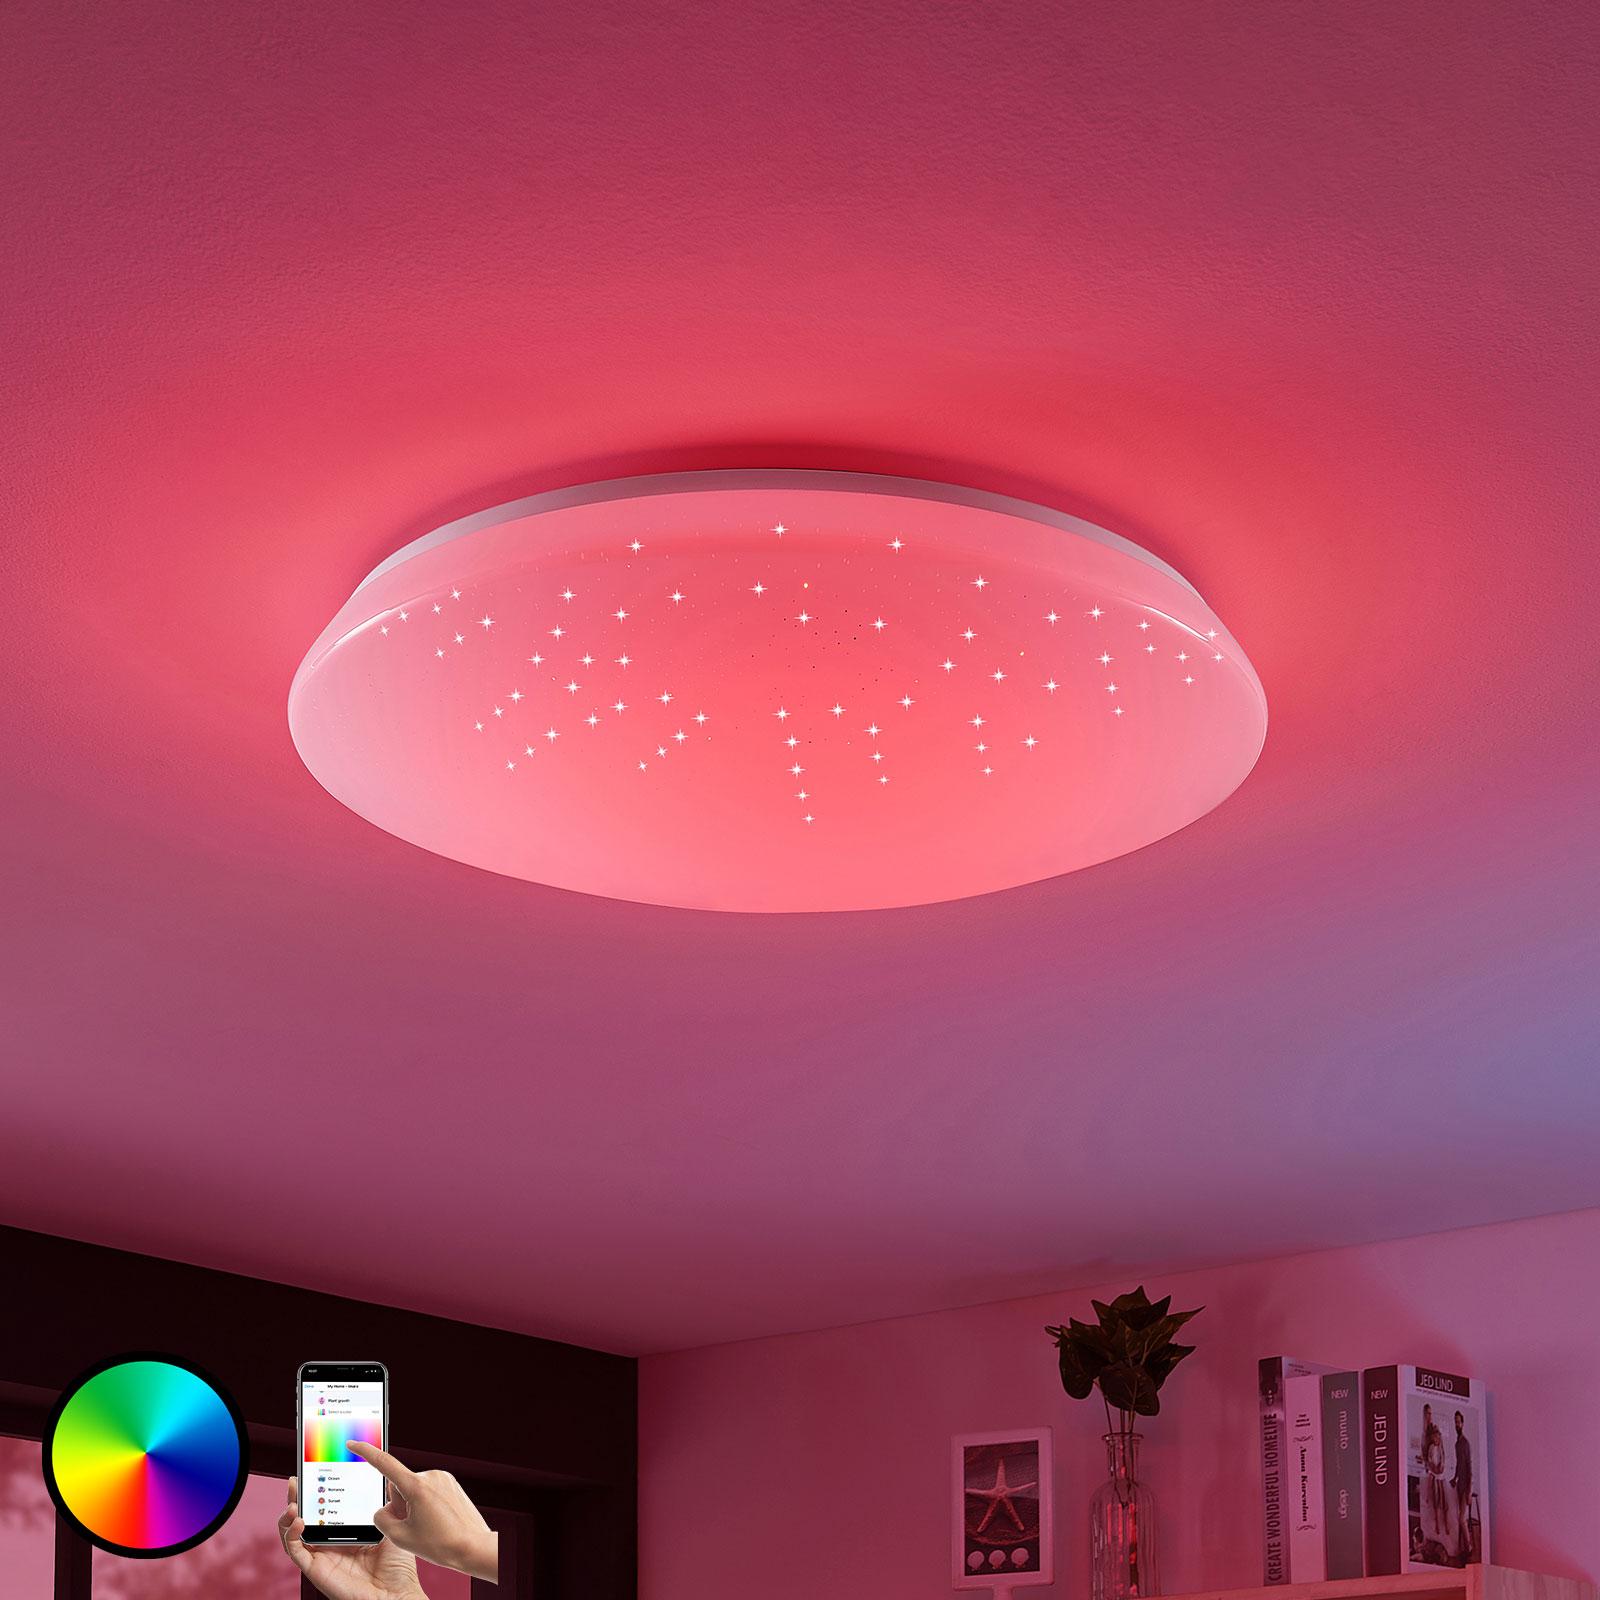 LED plafondlamp Jelka, WiZ, RGBW-kleurwissel, rond